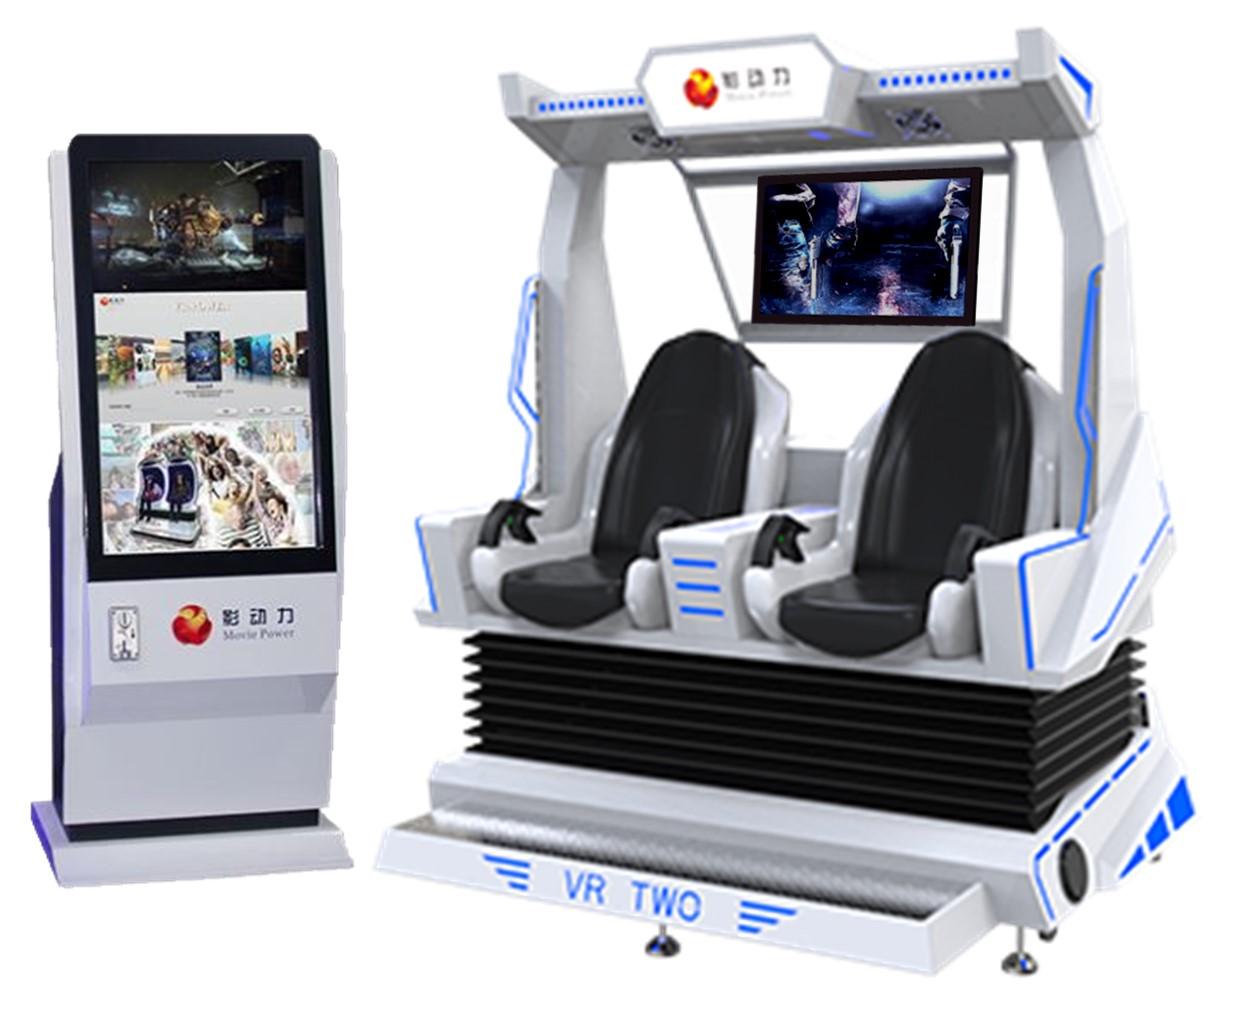 vr two + monitor + control desk